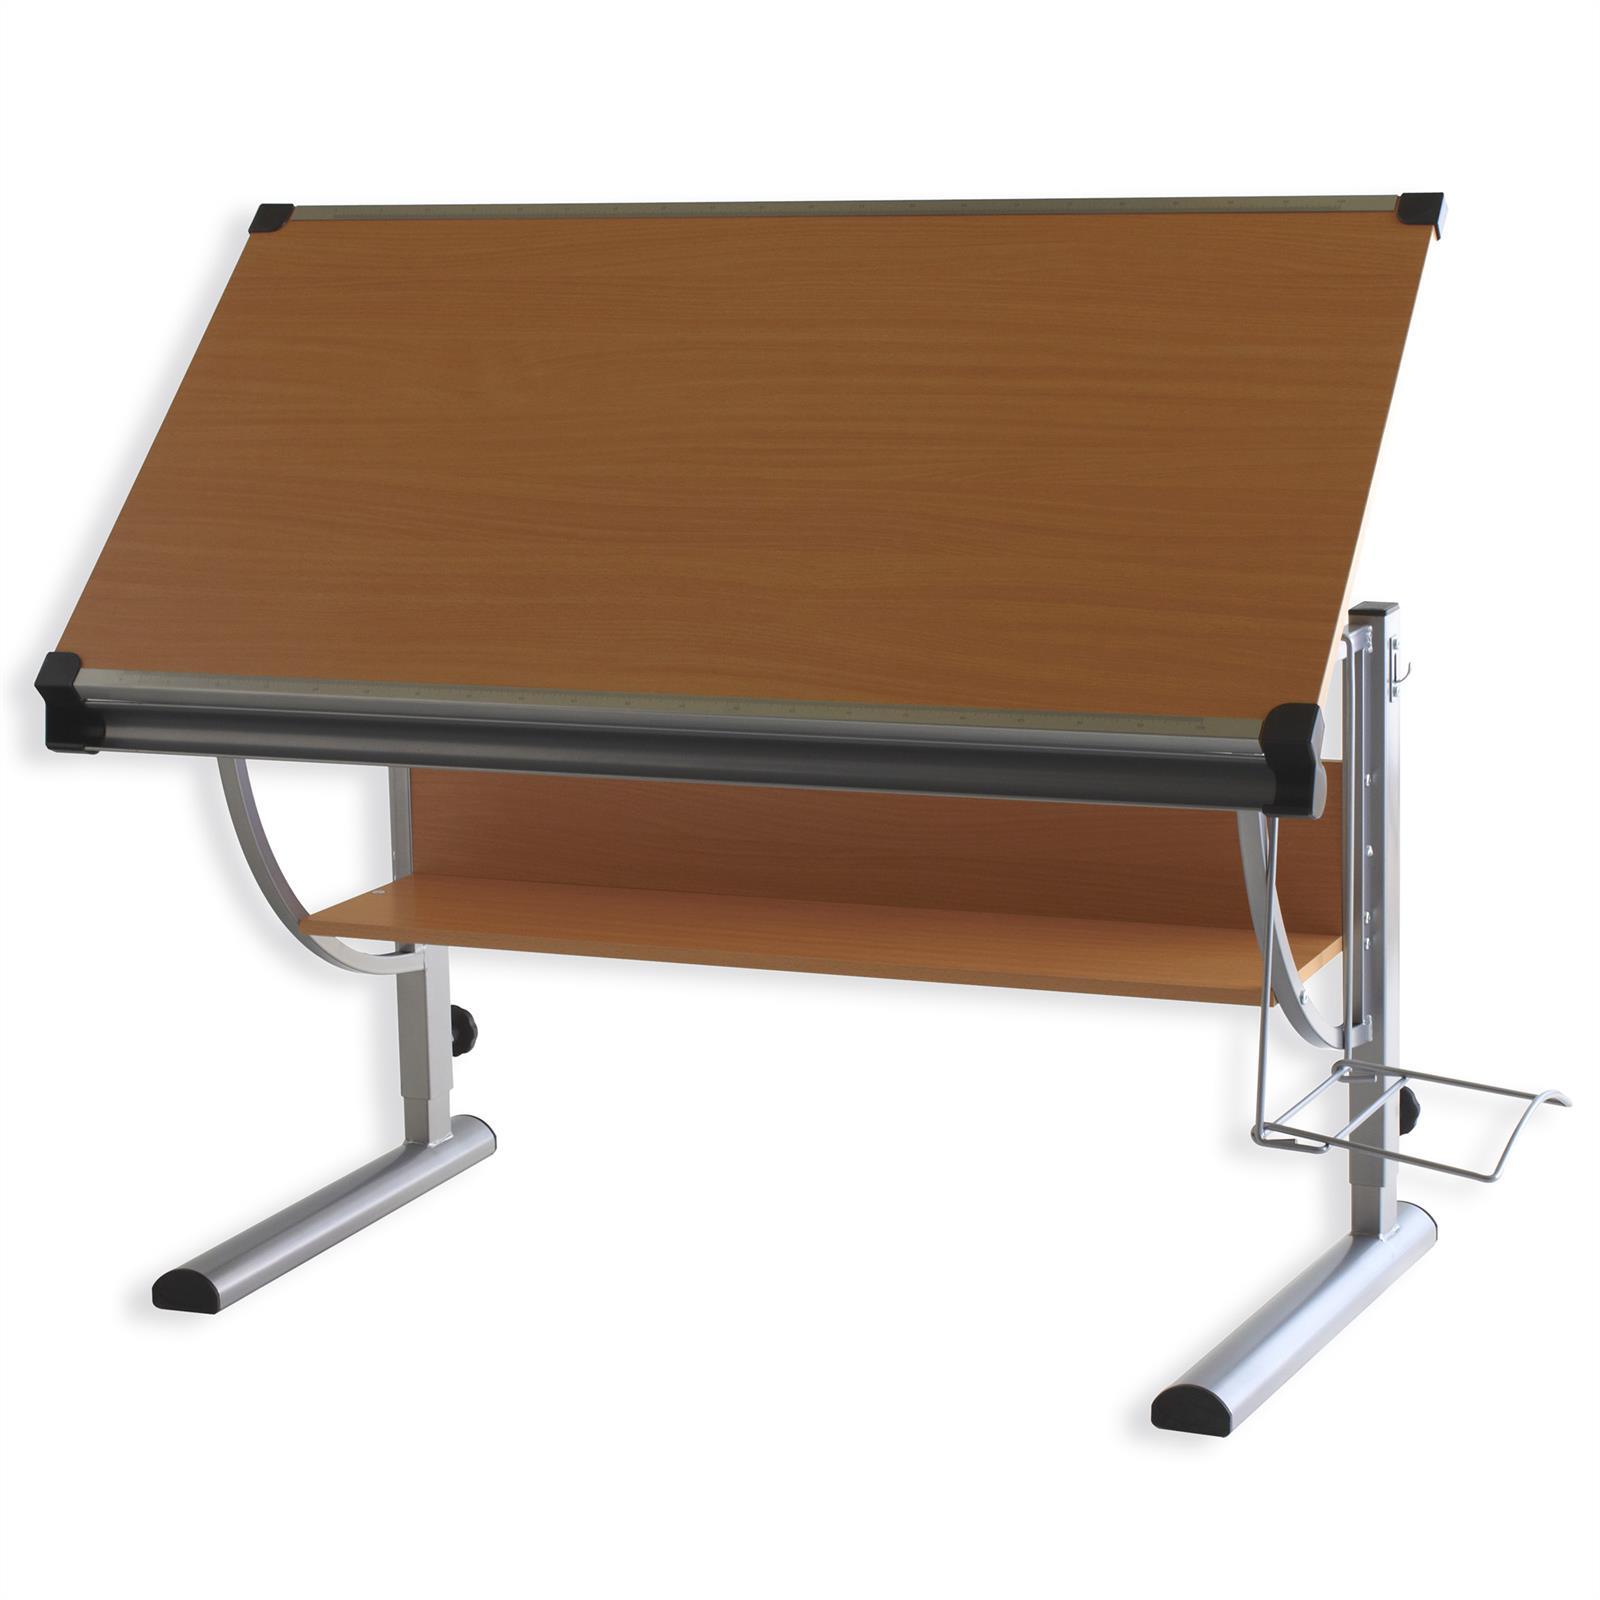 bureau enfant christina r glable en hauteur et plateau inclinable d cor h tre mobil meubles. Black Bedroom Furniture Sets. Home Design Ideas